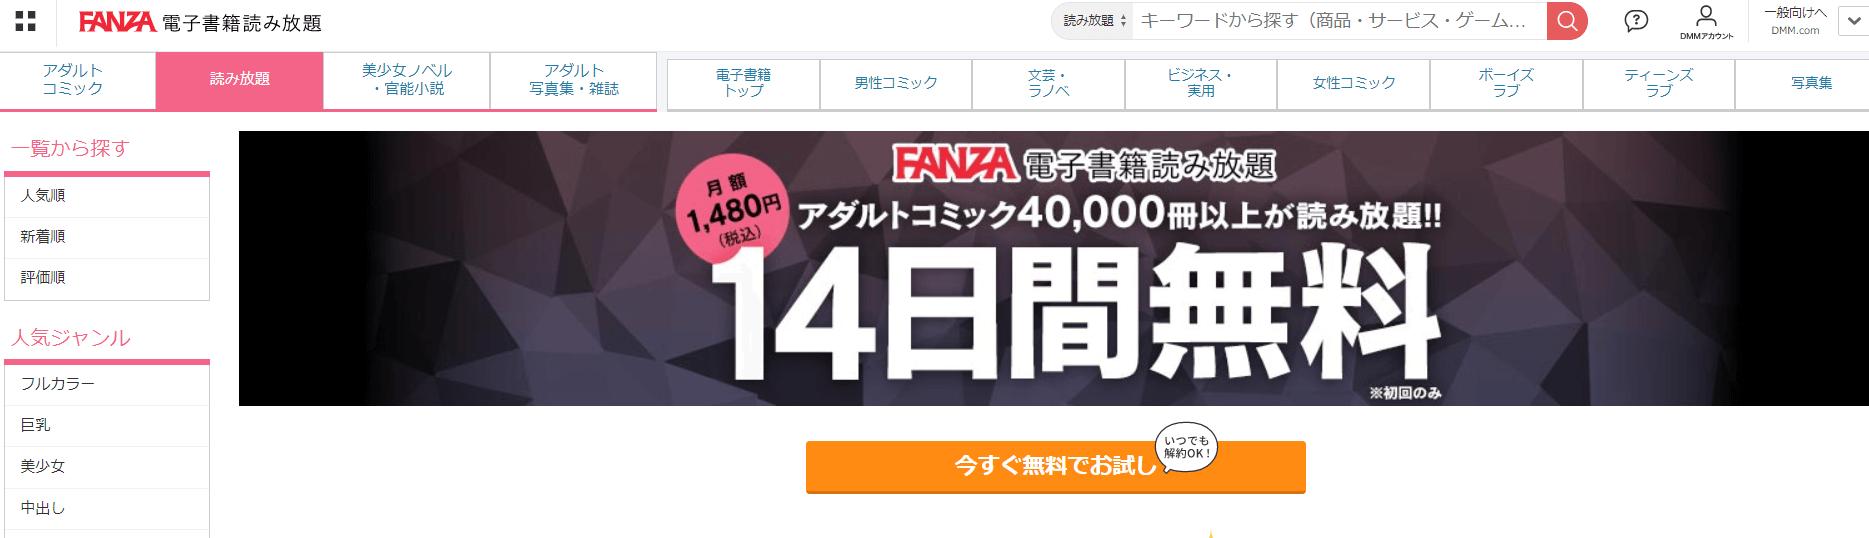 FANZA読み放題公式サイト